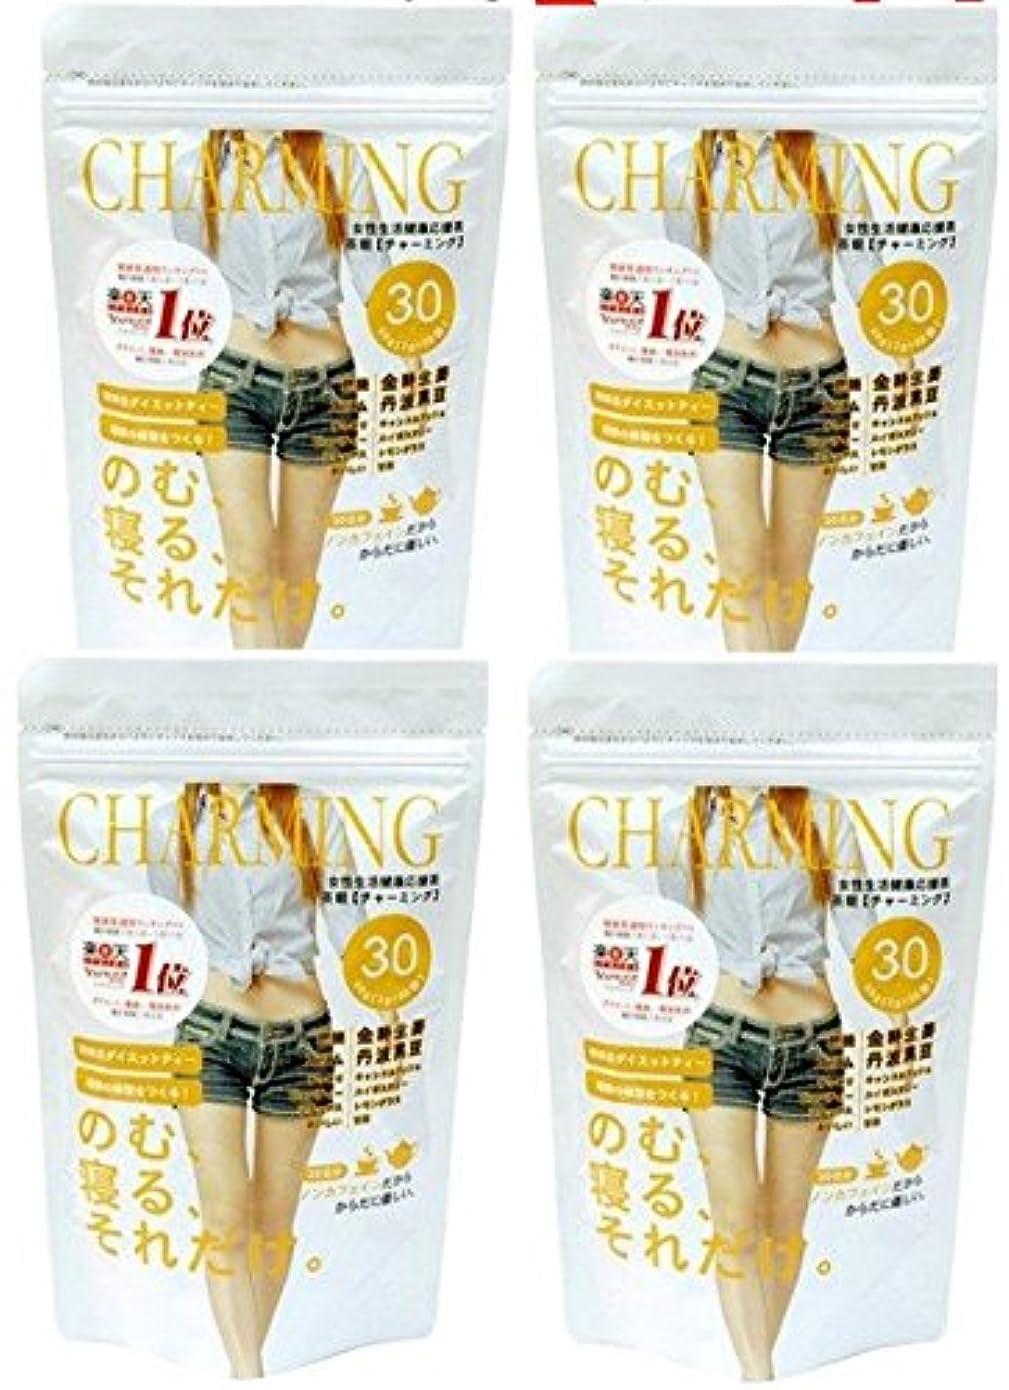 リル作物禁止エブリシング 茶眠チャーミング 4袋セット